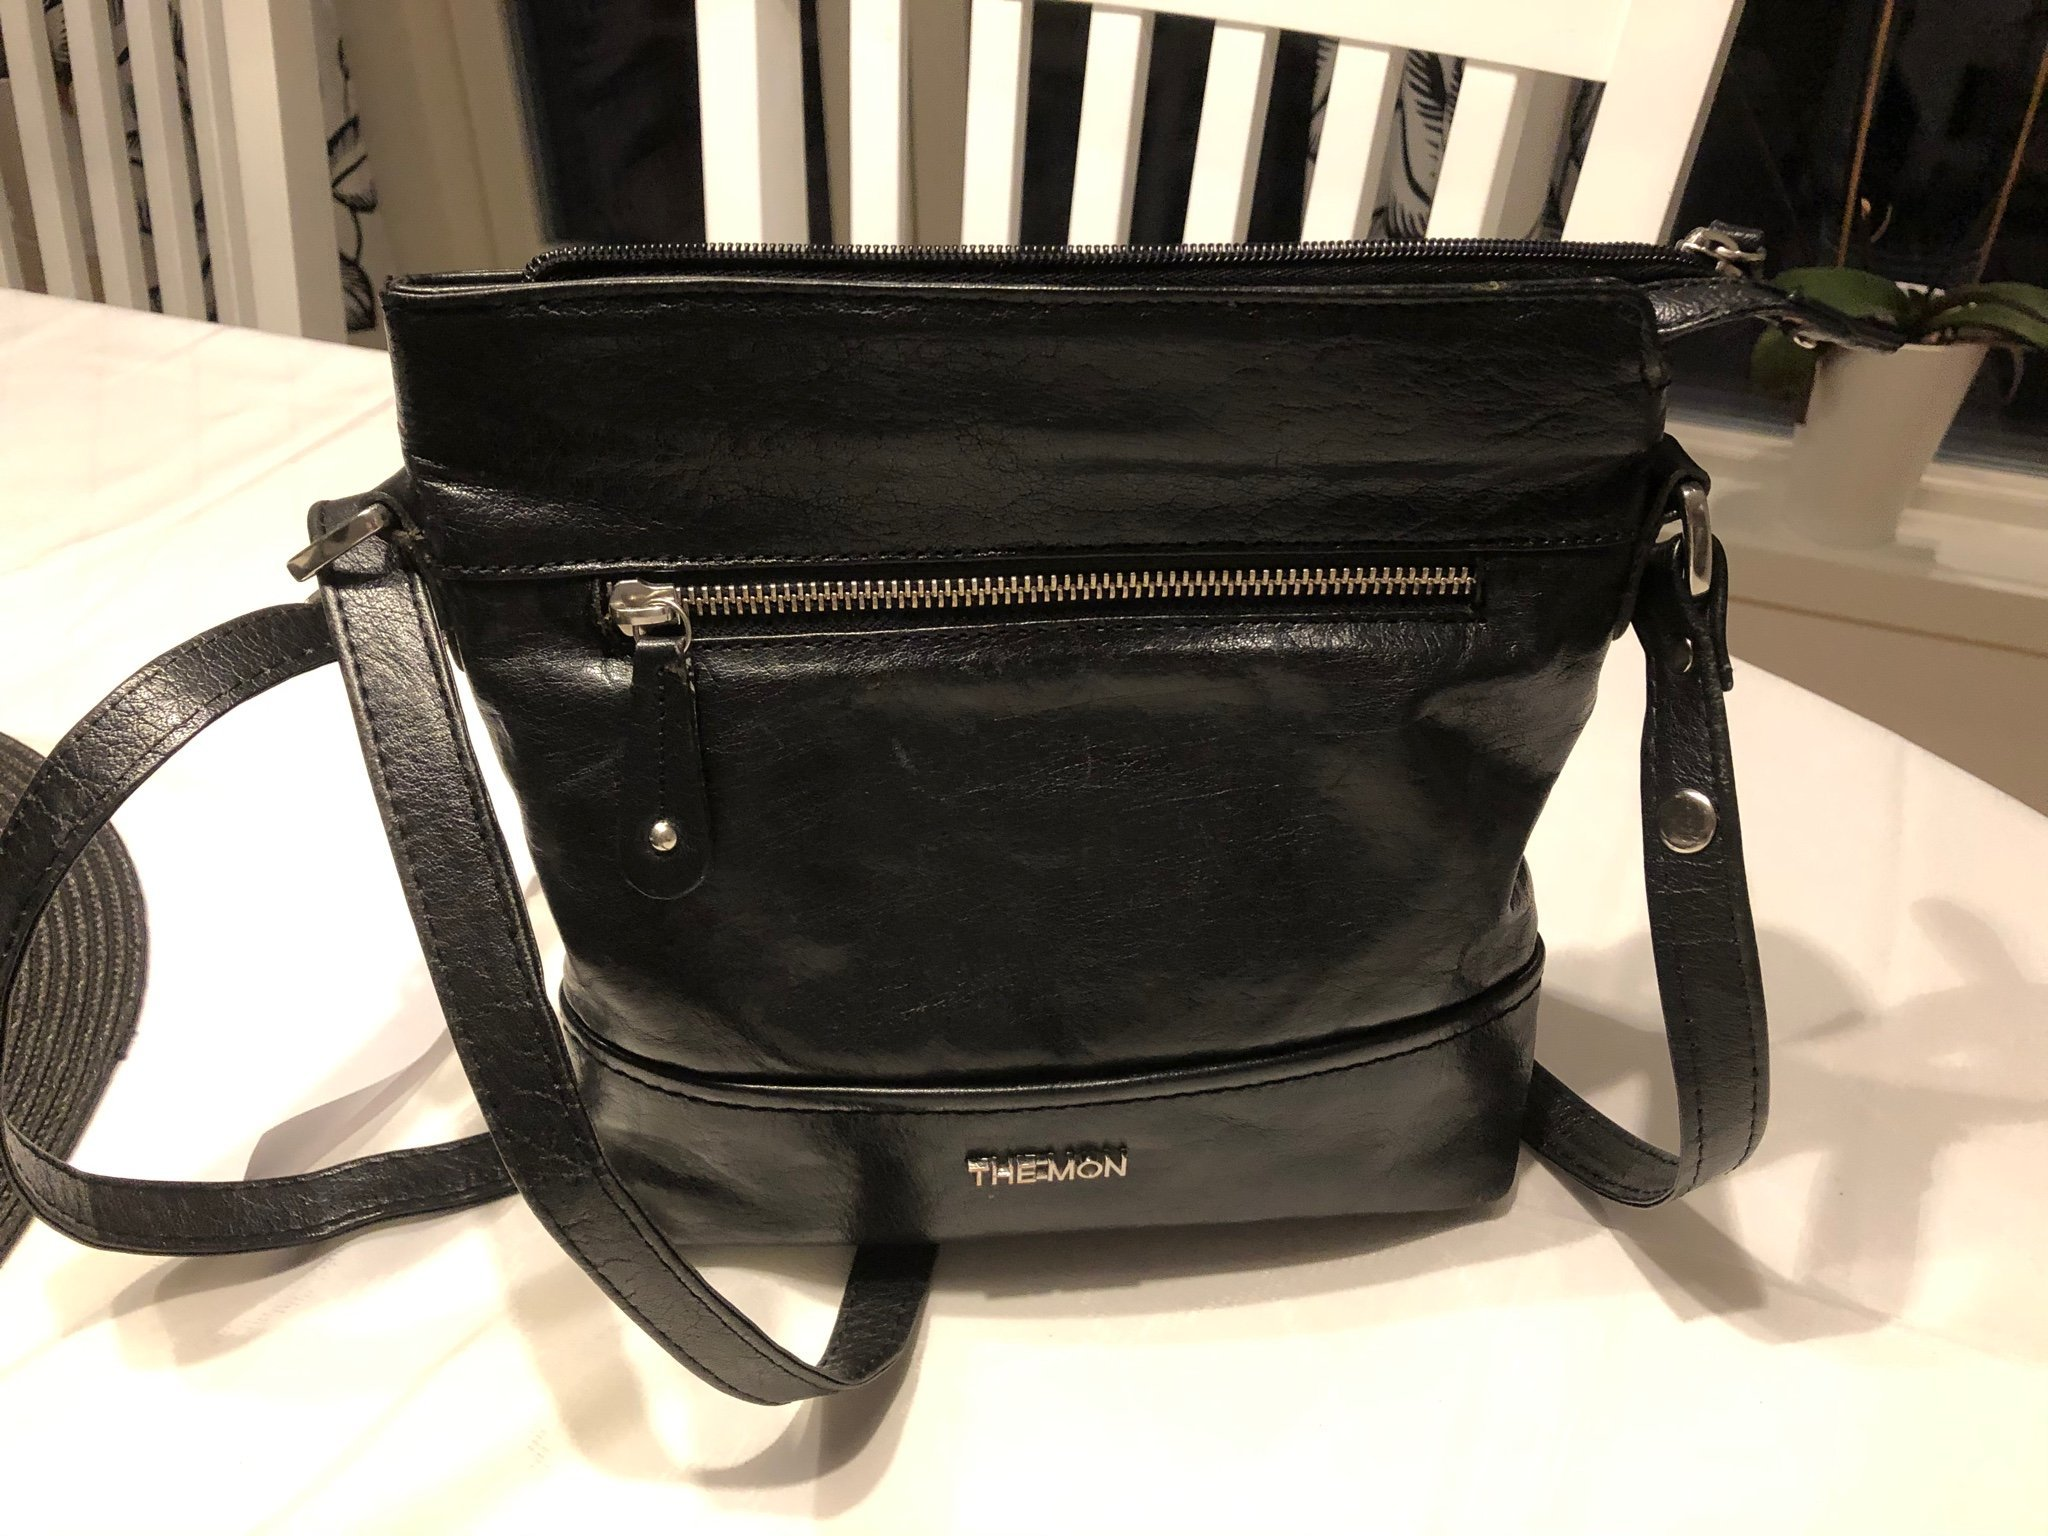 The Monte väska